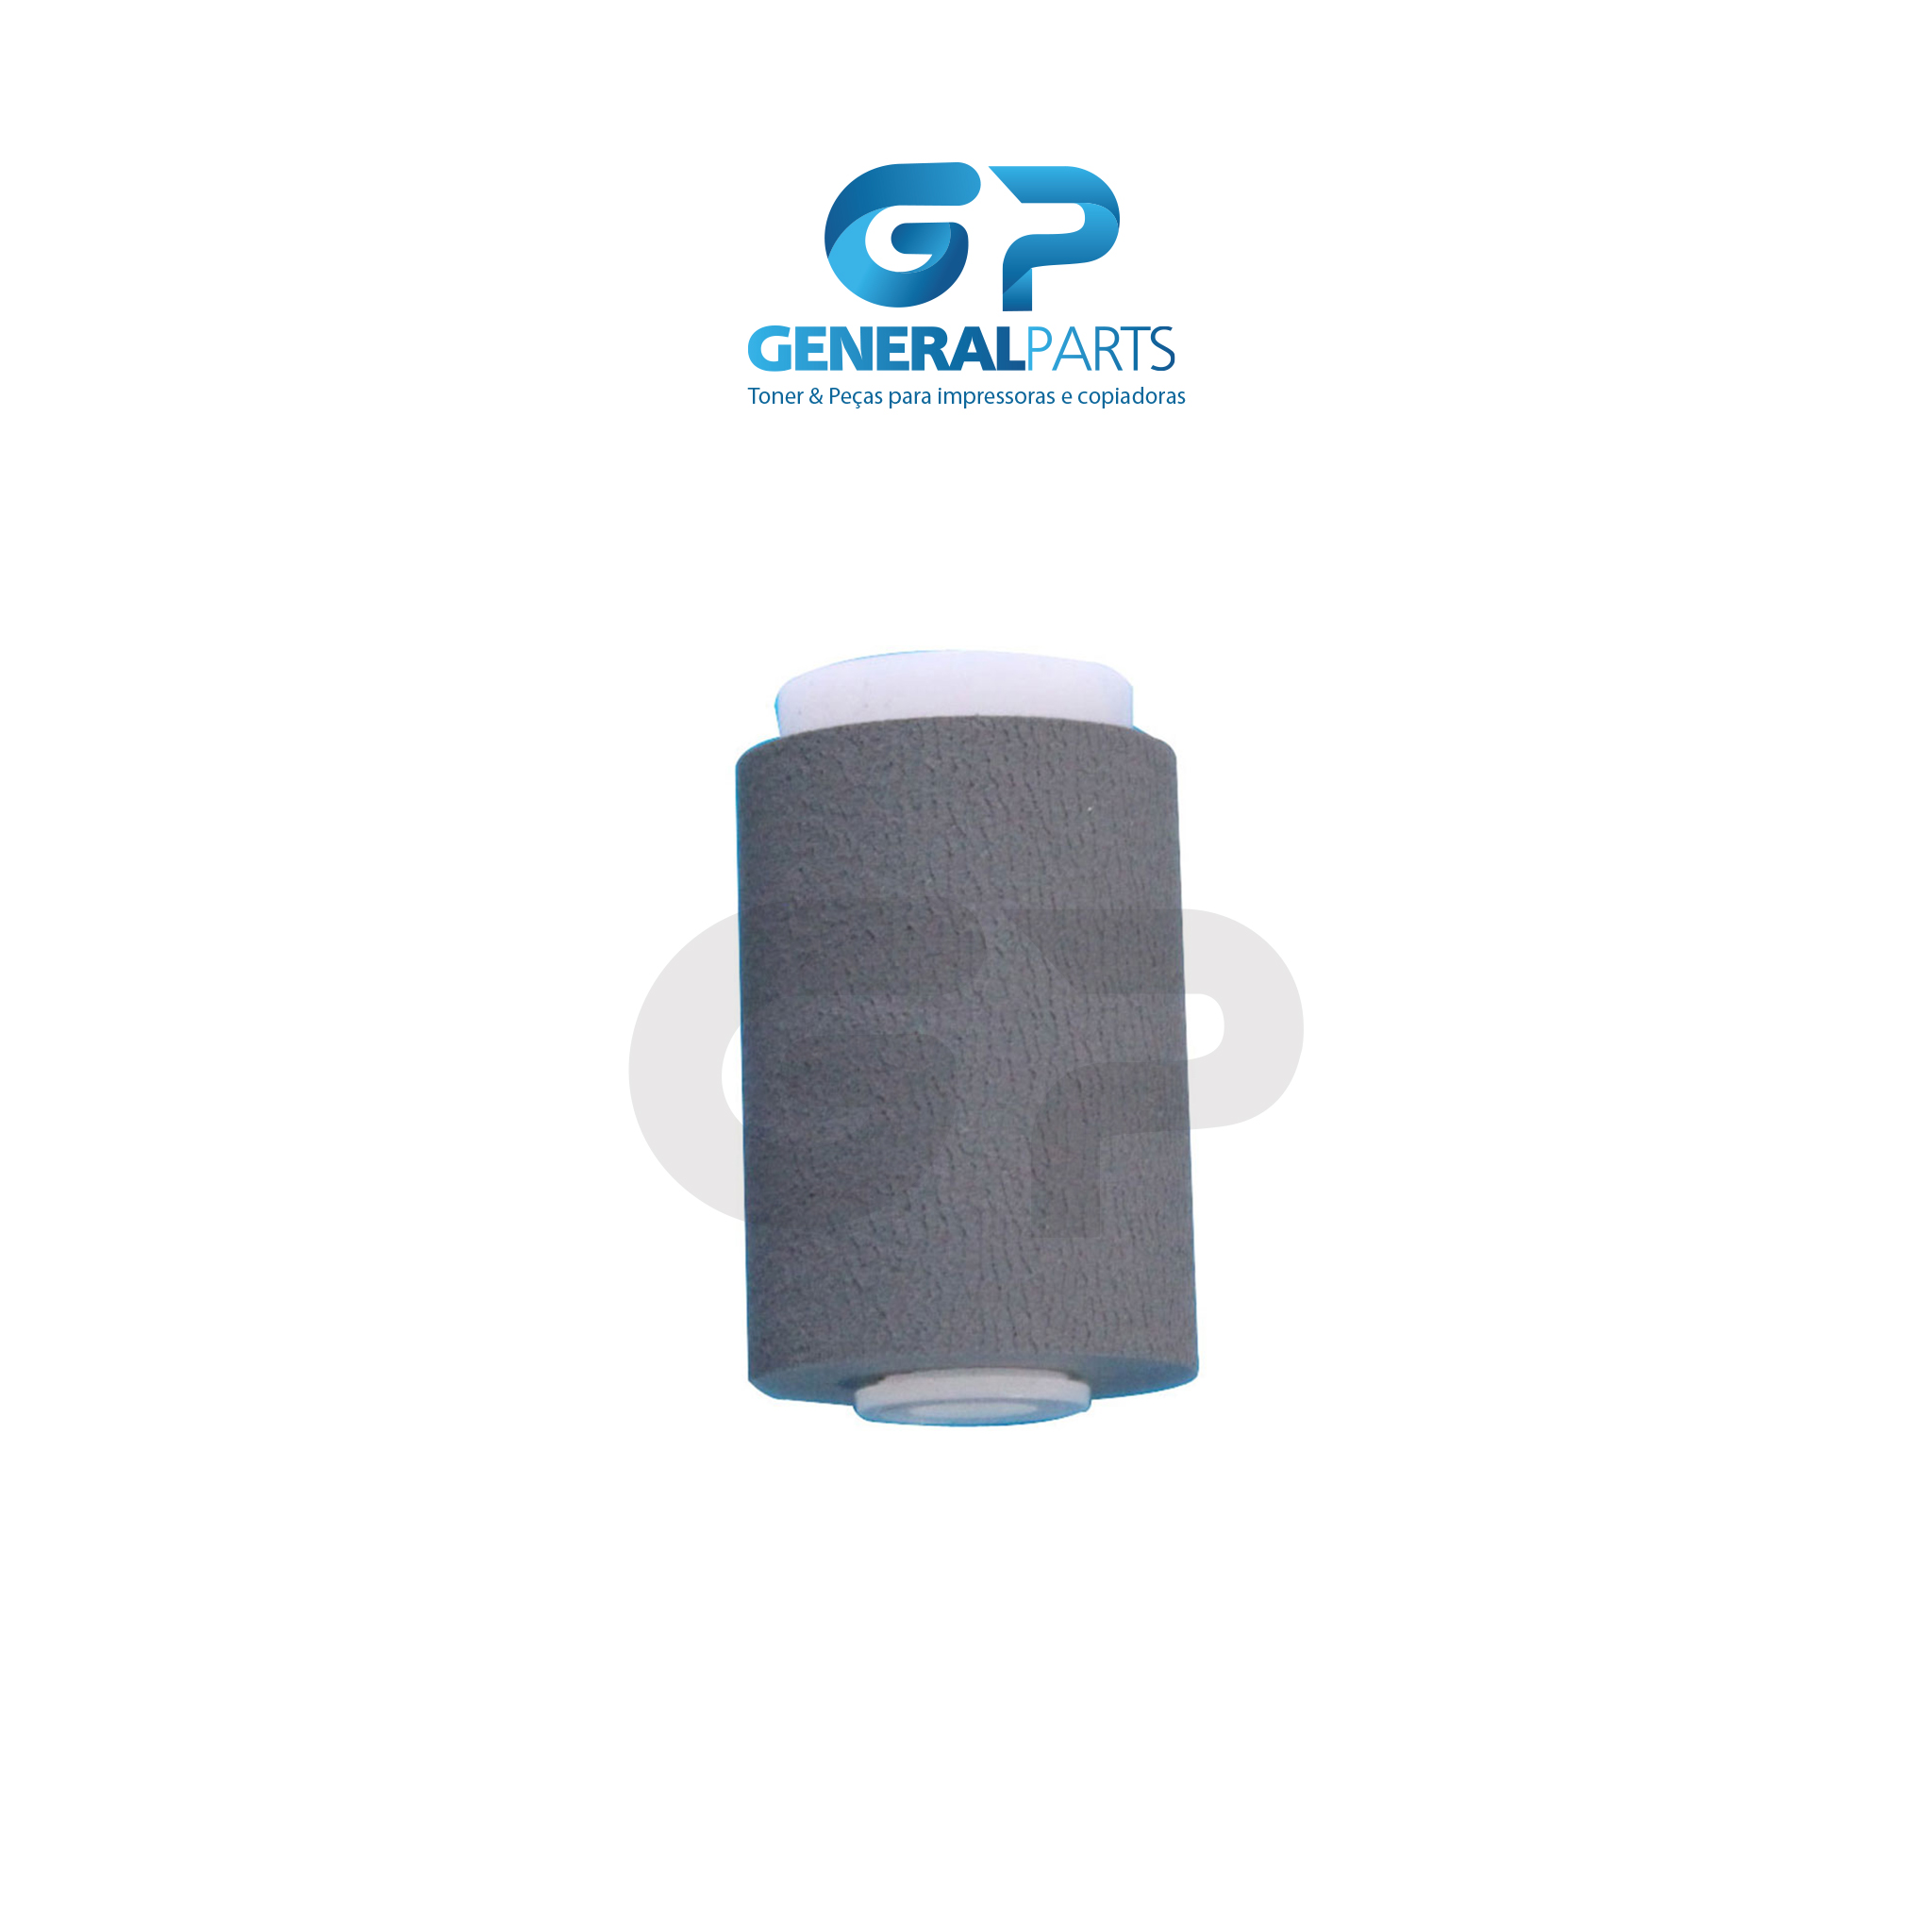 Produto Rolete de Alimentação do ADF Kyocera M2040 / M2640